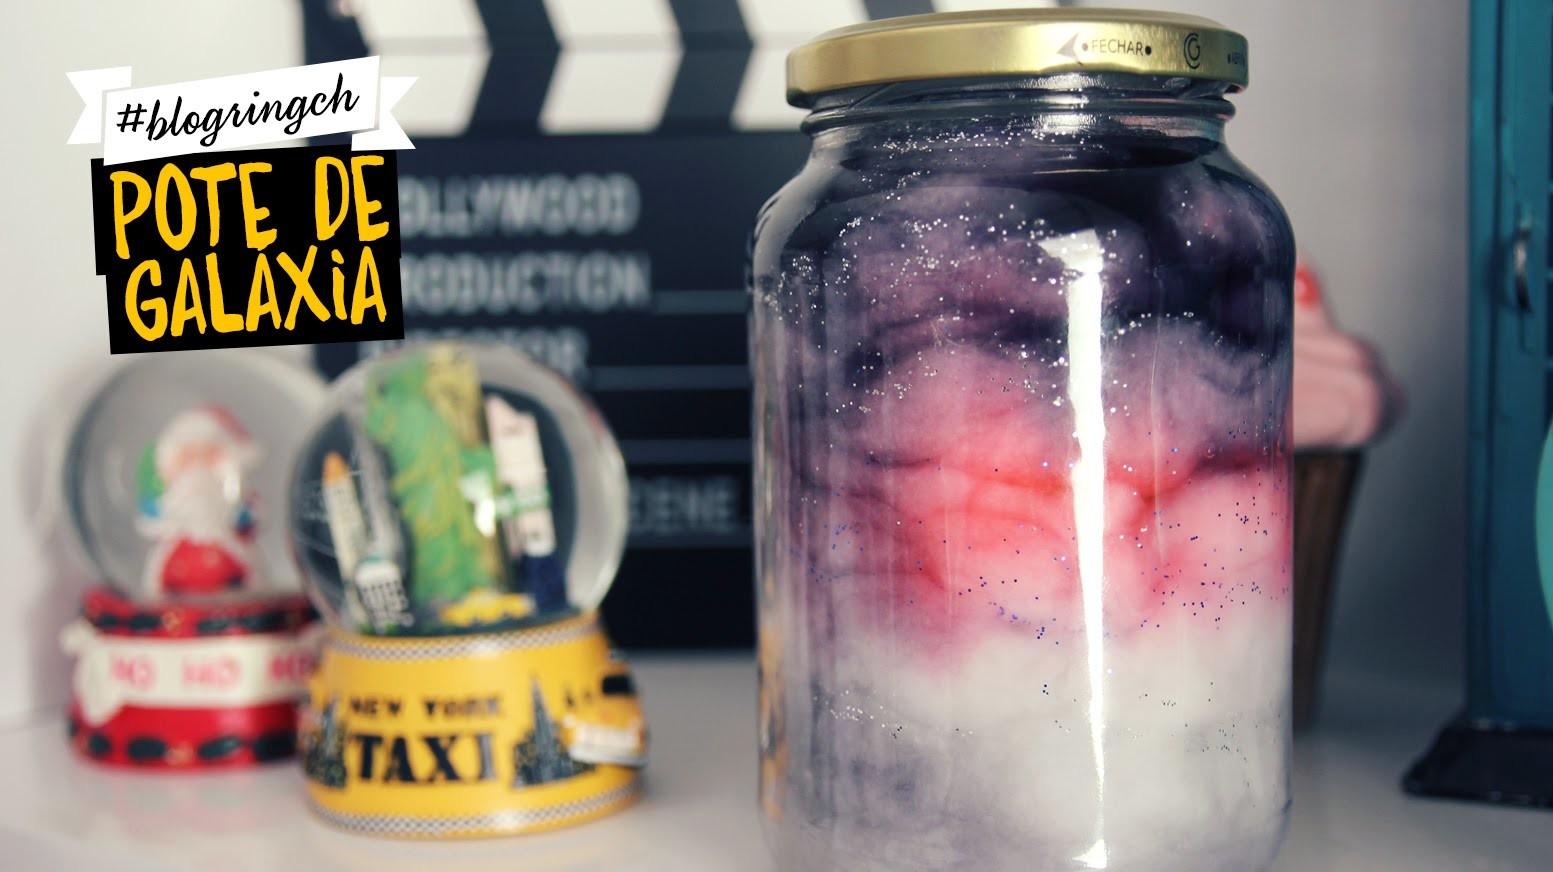 #blogringCH: Bruna Vieira ensina a fazer um pote de galáxia